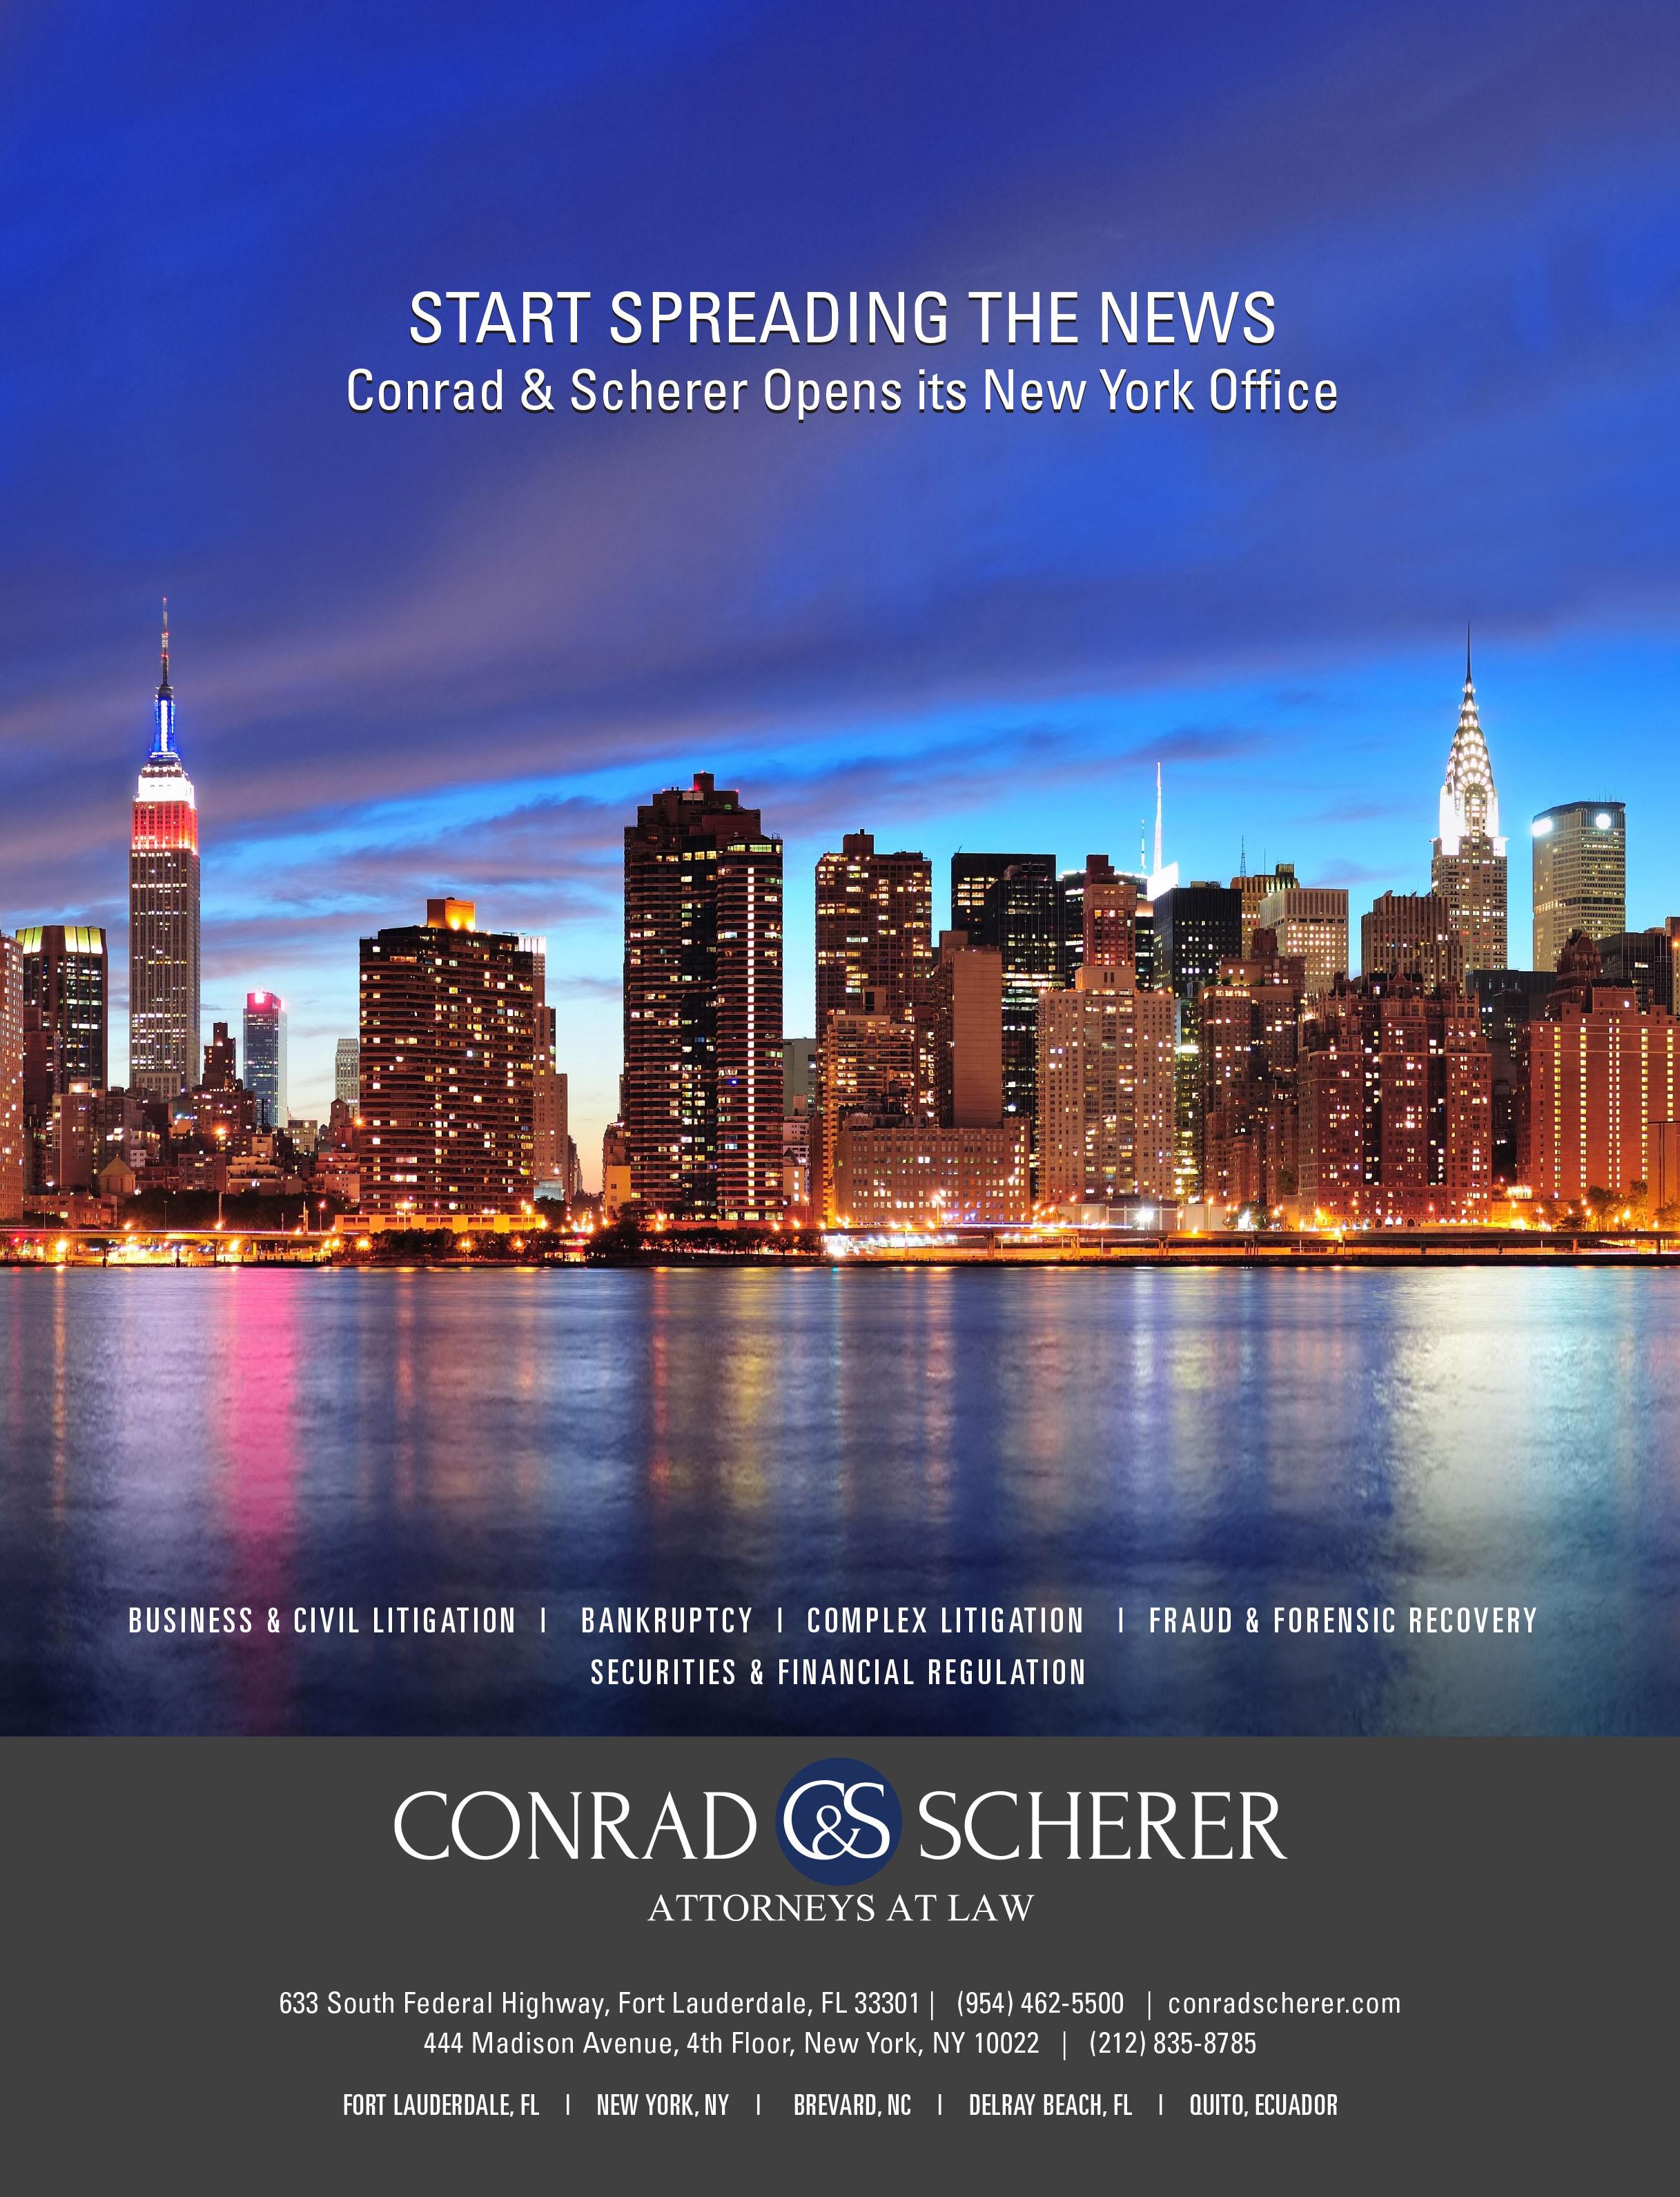 Client: Conrad & Scherer